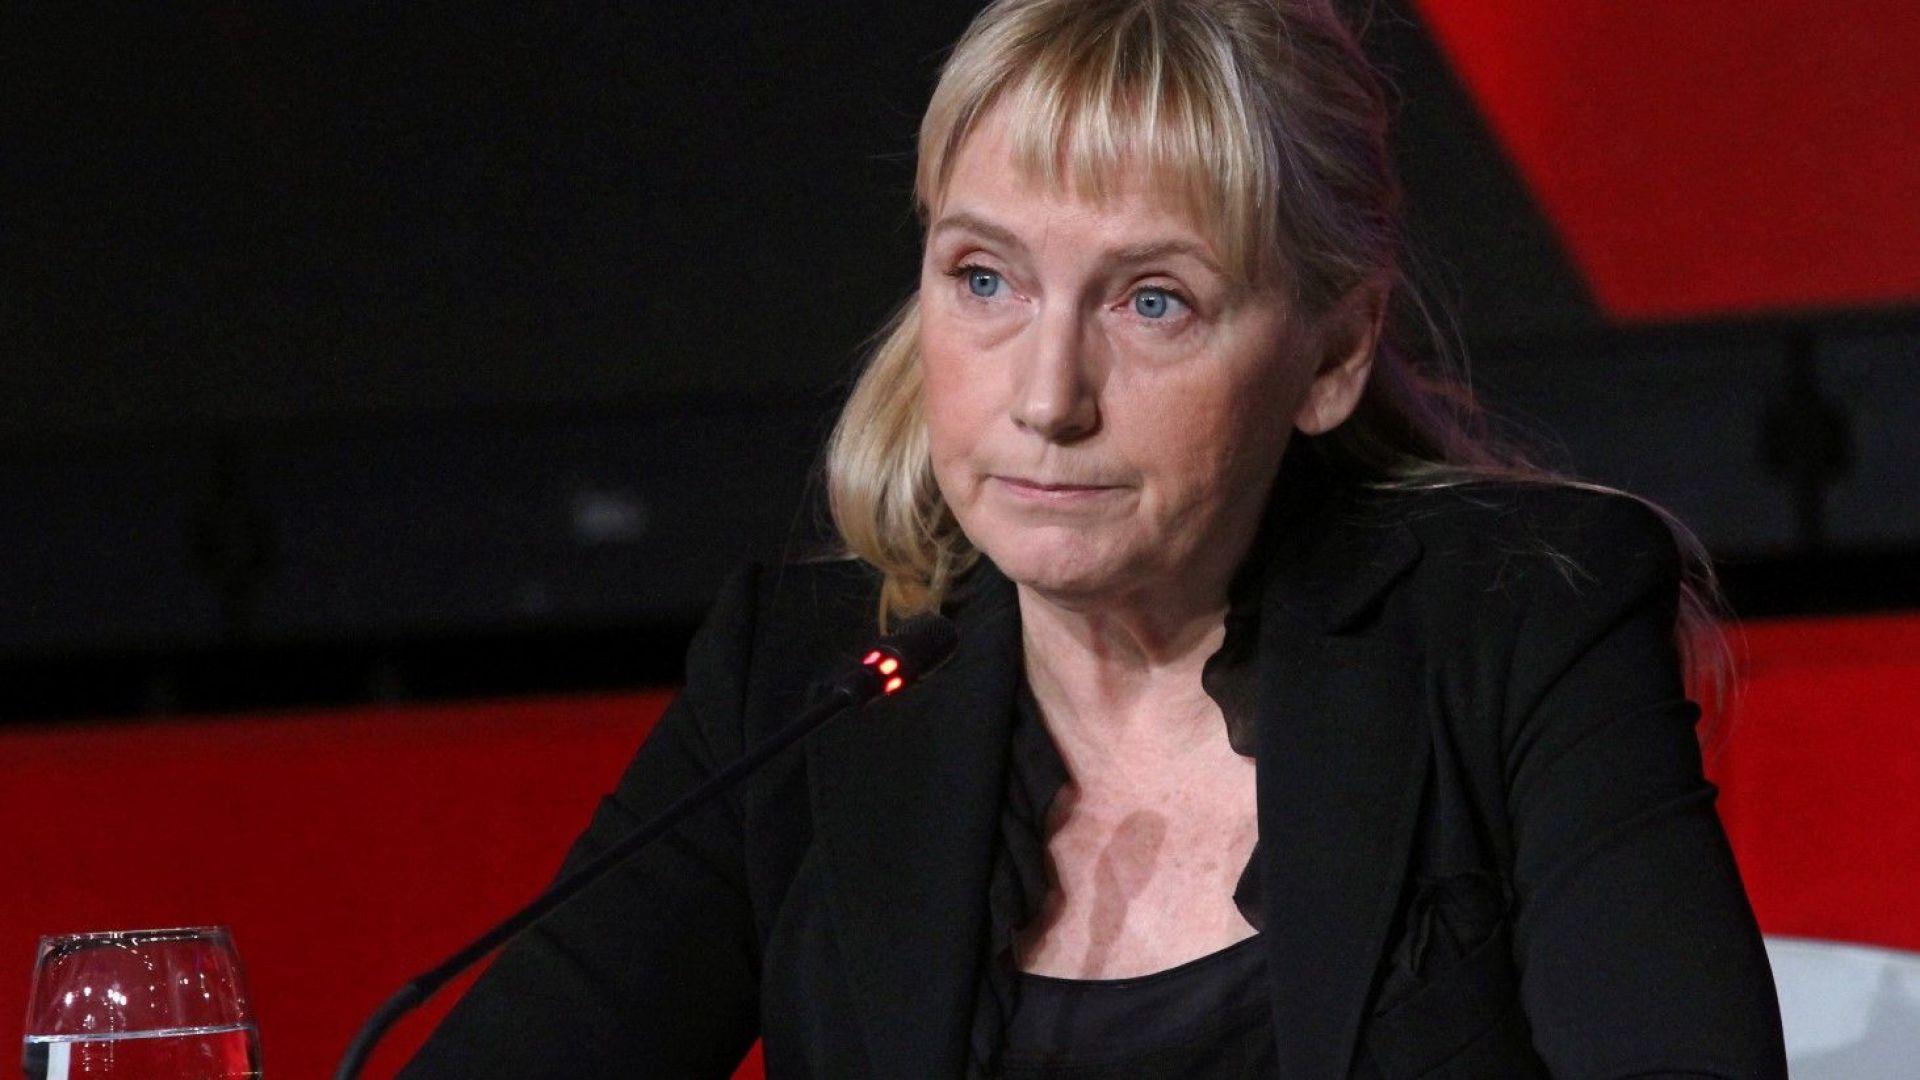 """Галъп: Обществото съчувства на Йончева по обвинението за """"пране на пари"""""""